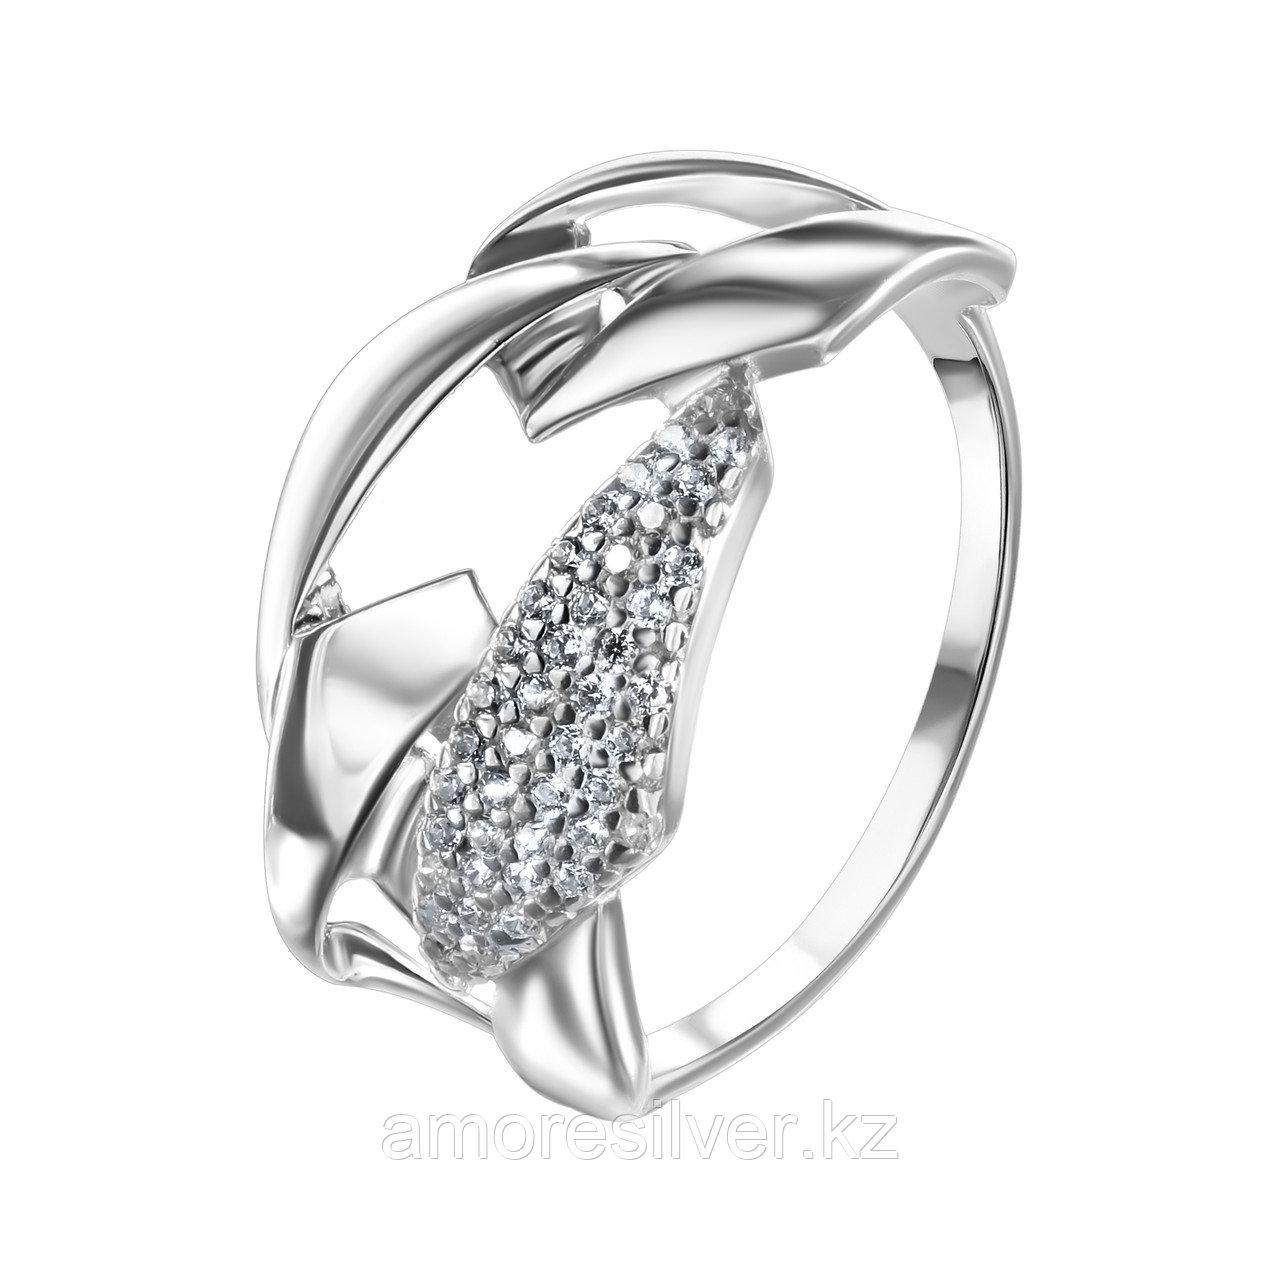 Серьги TEOSA серебро с родием, без вставок 10119-0598-CZ размеры - 18